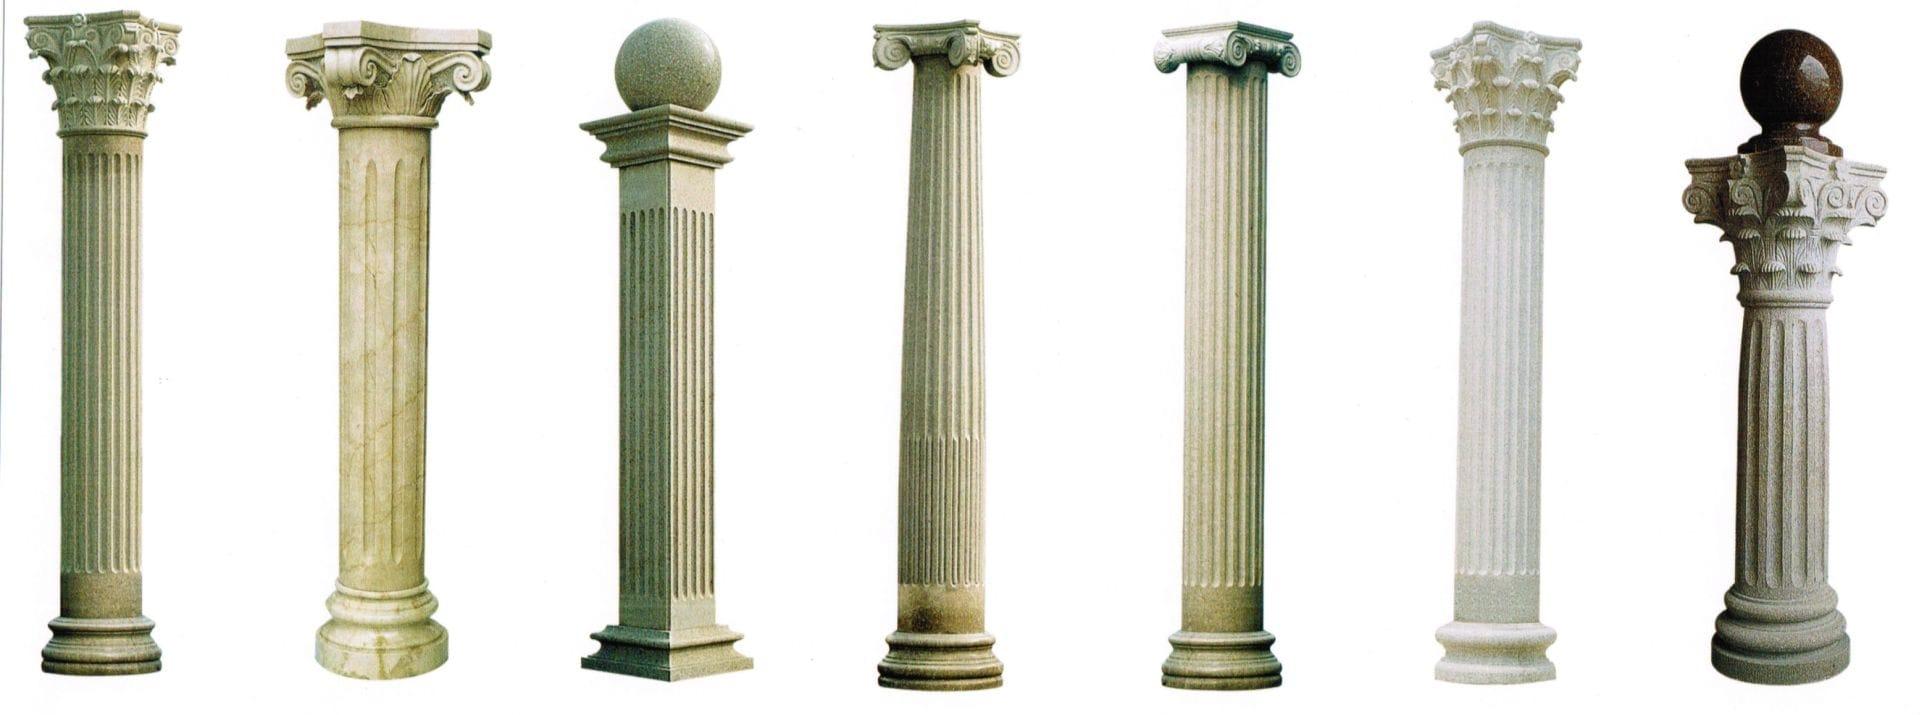 Типы и виды колонн, ригелей и капителей колонн